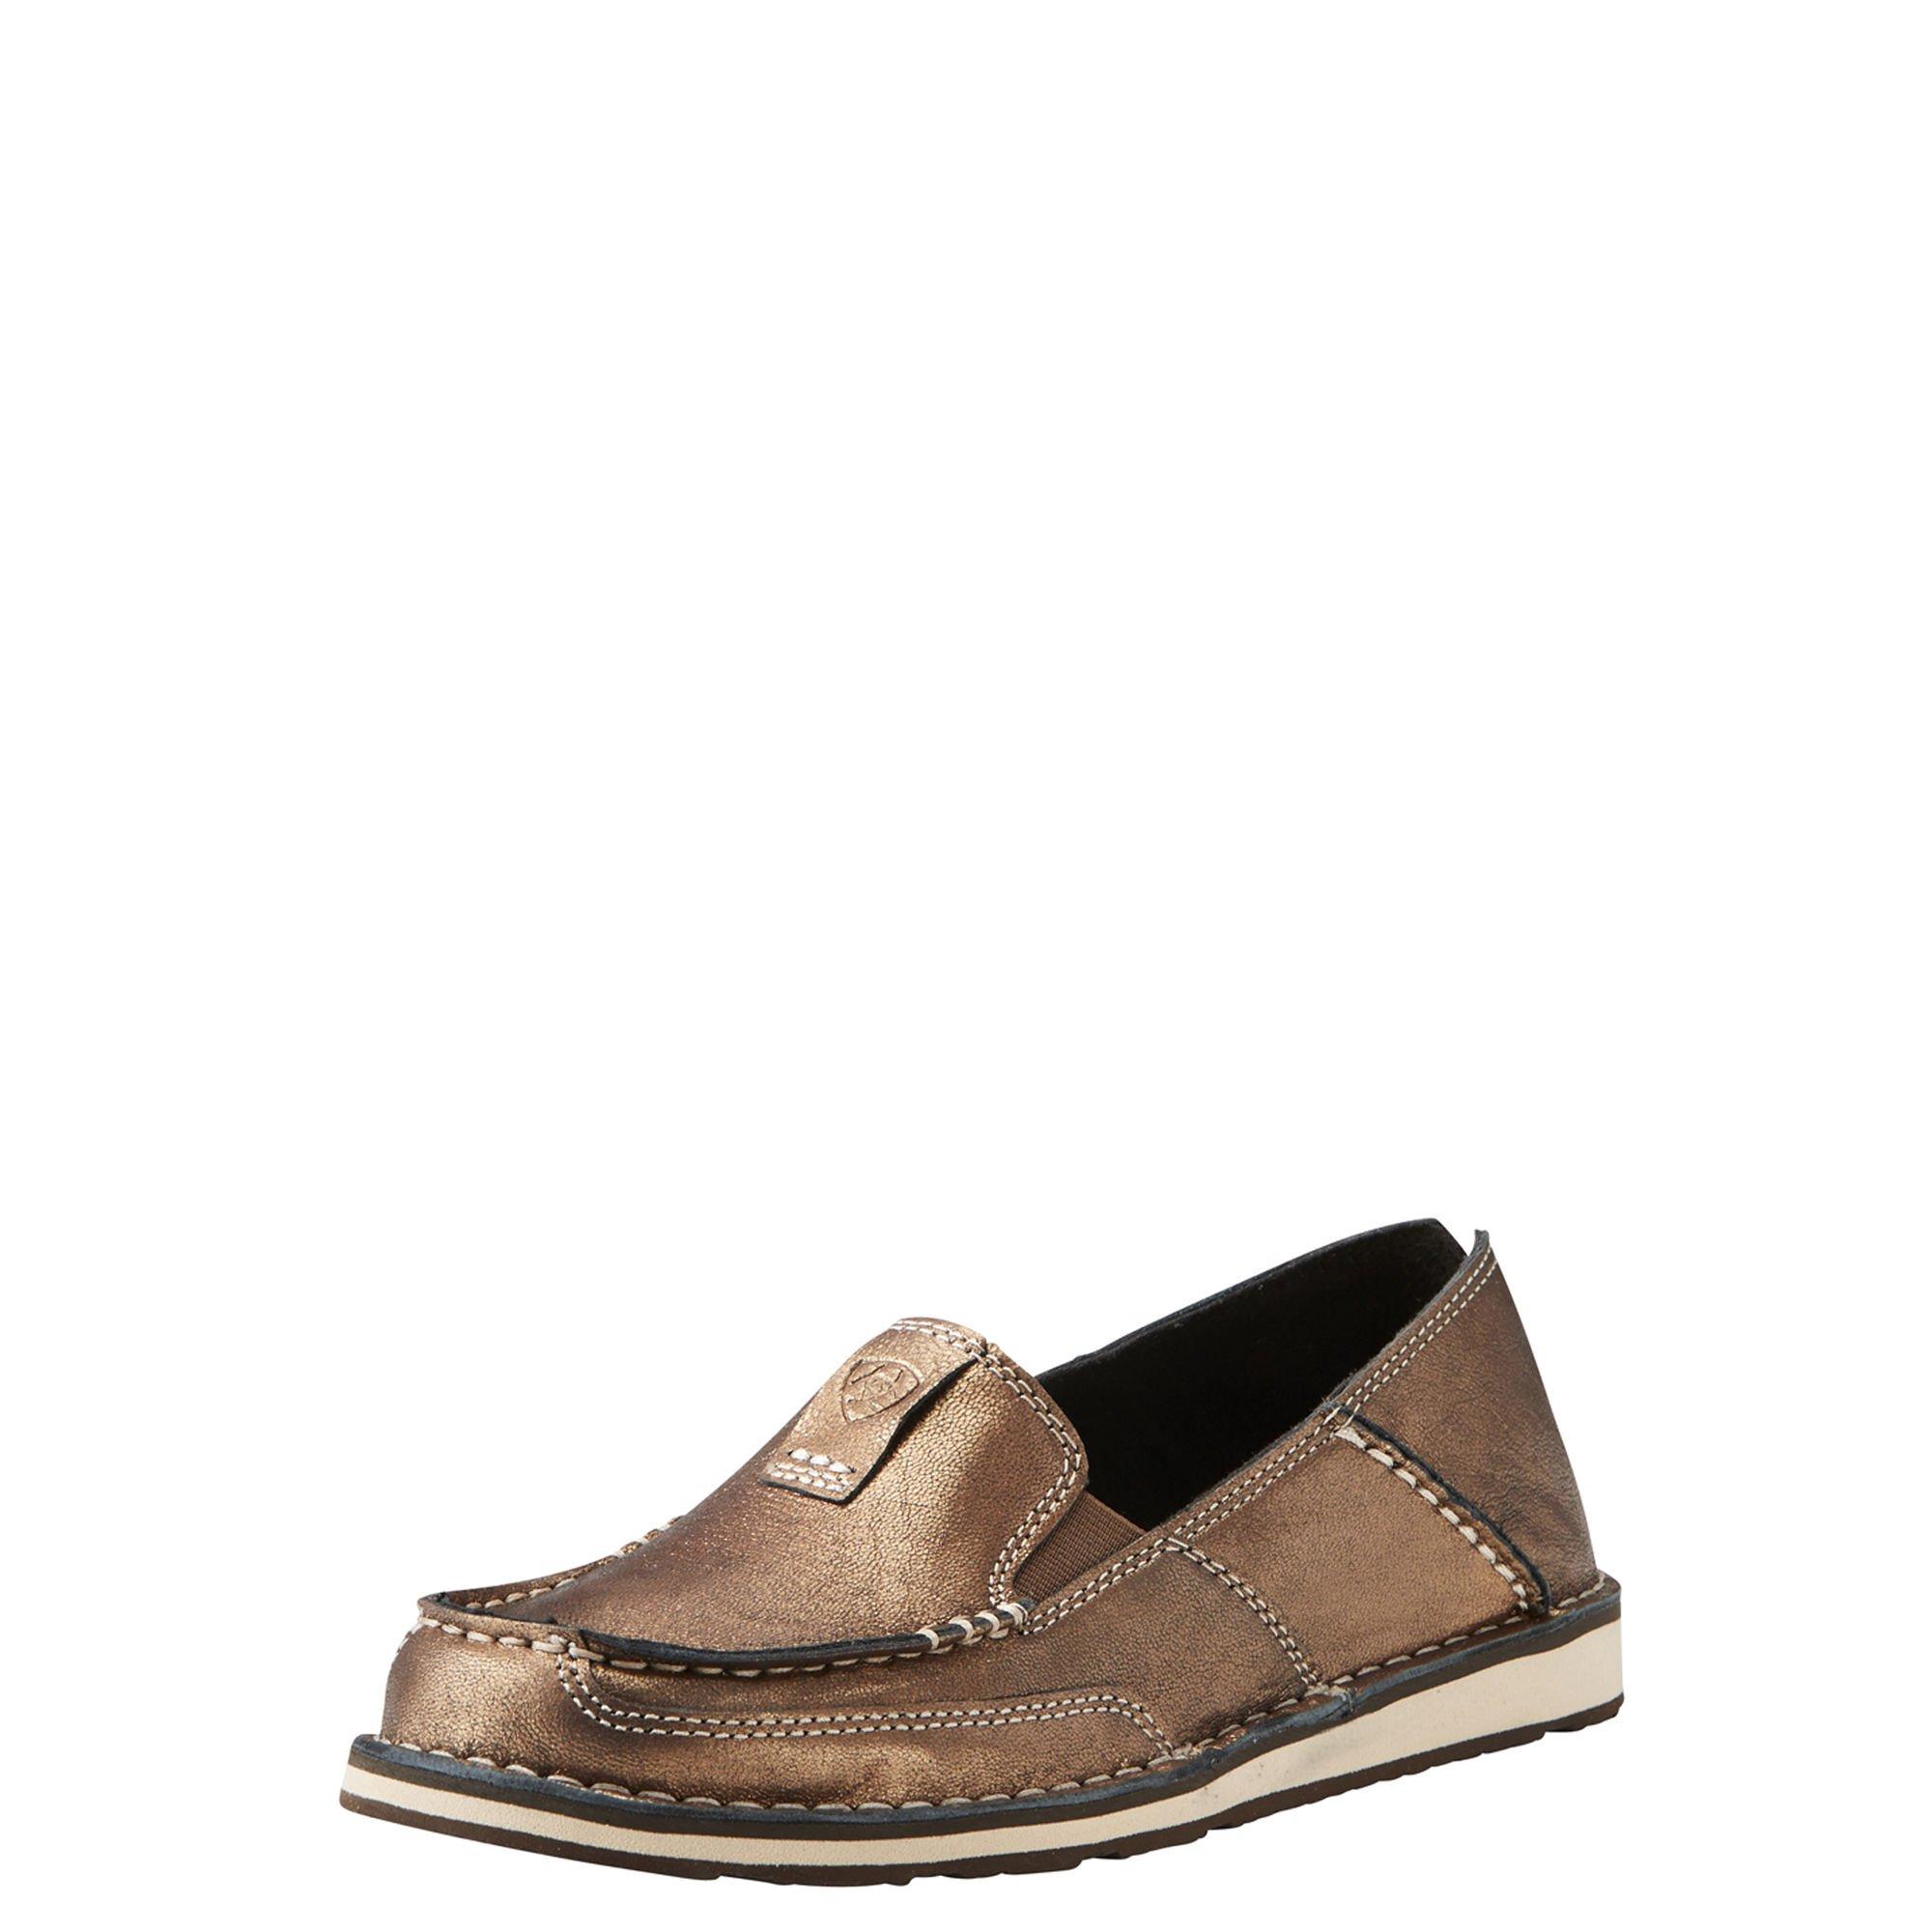 Ariat Women's Cruiser Slip-on Shoe, Metallic/Bronze, 8 B US